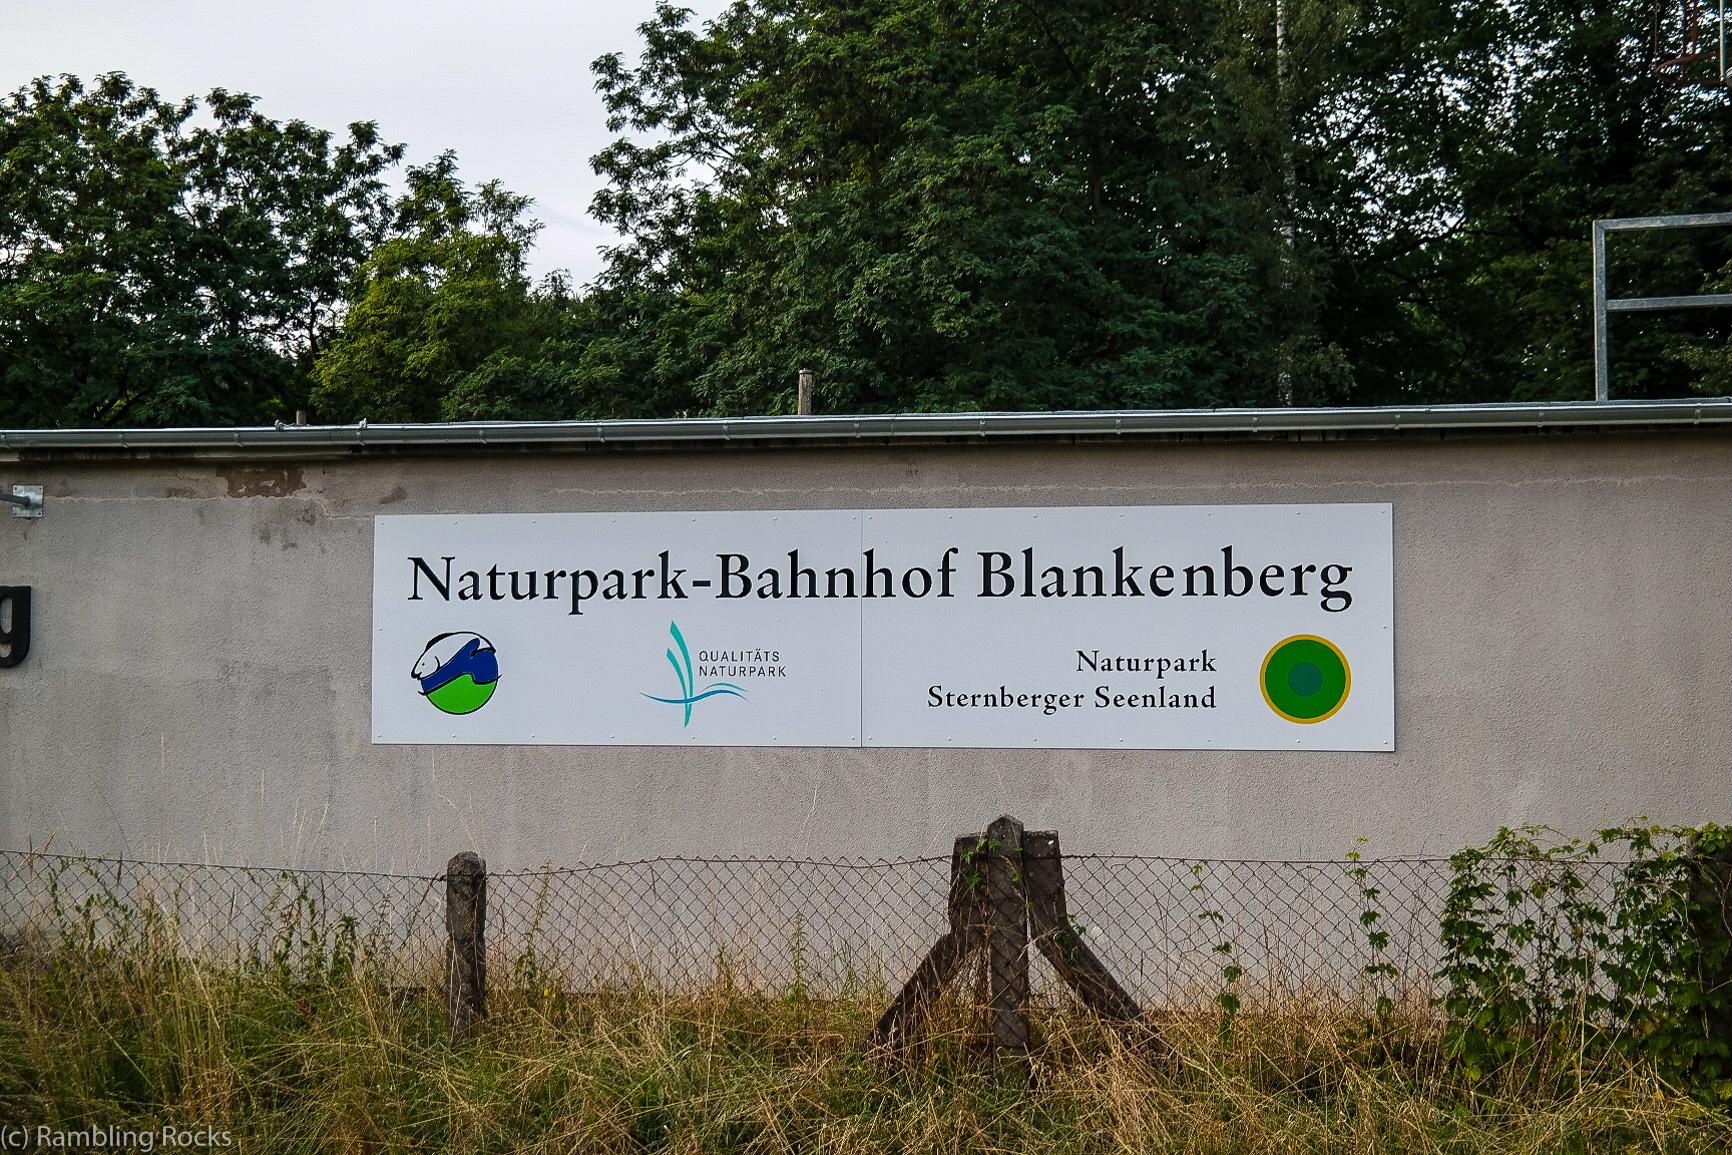 Naturpark-Bahnhof Blankenberg